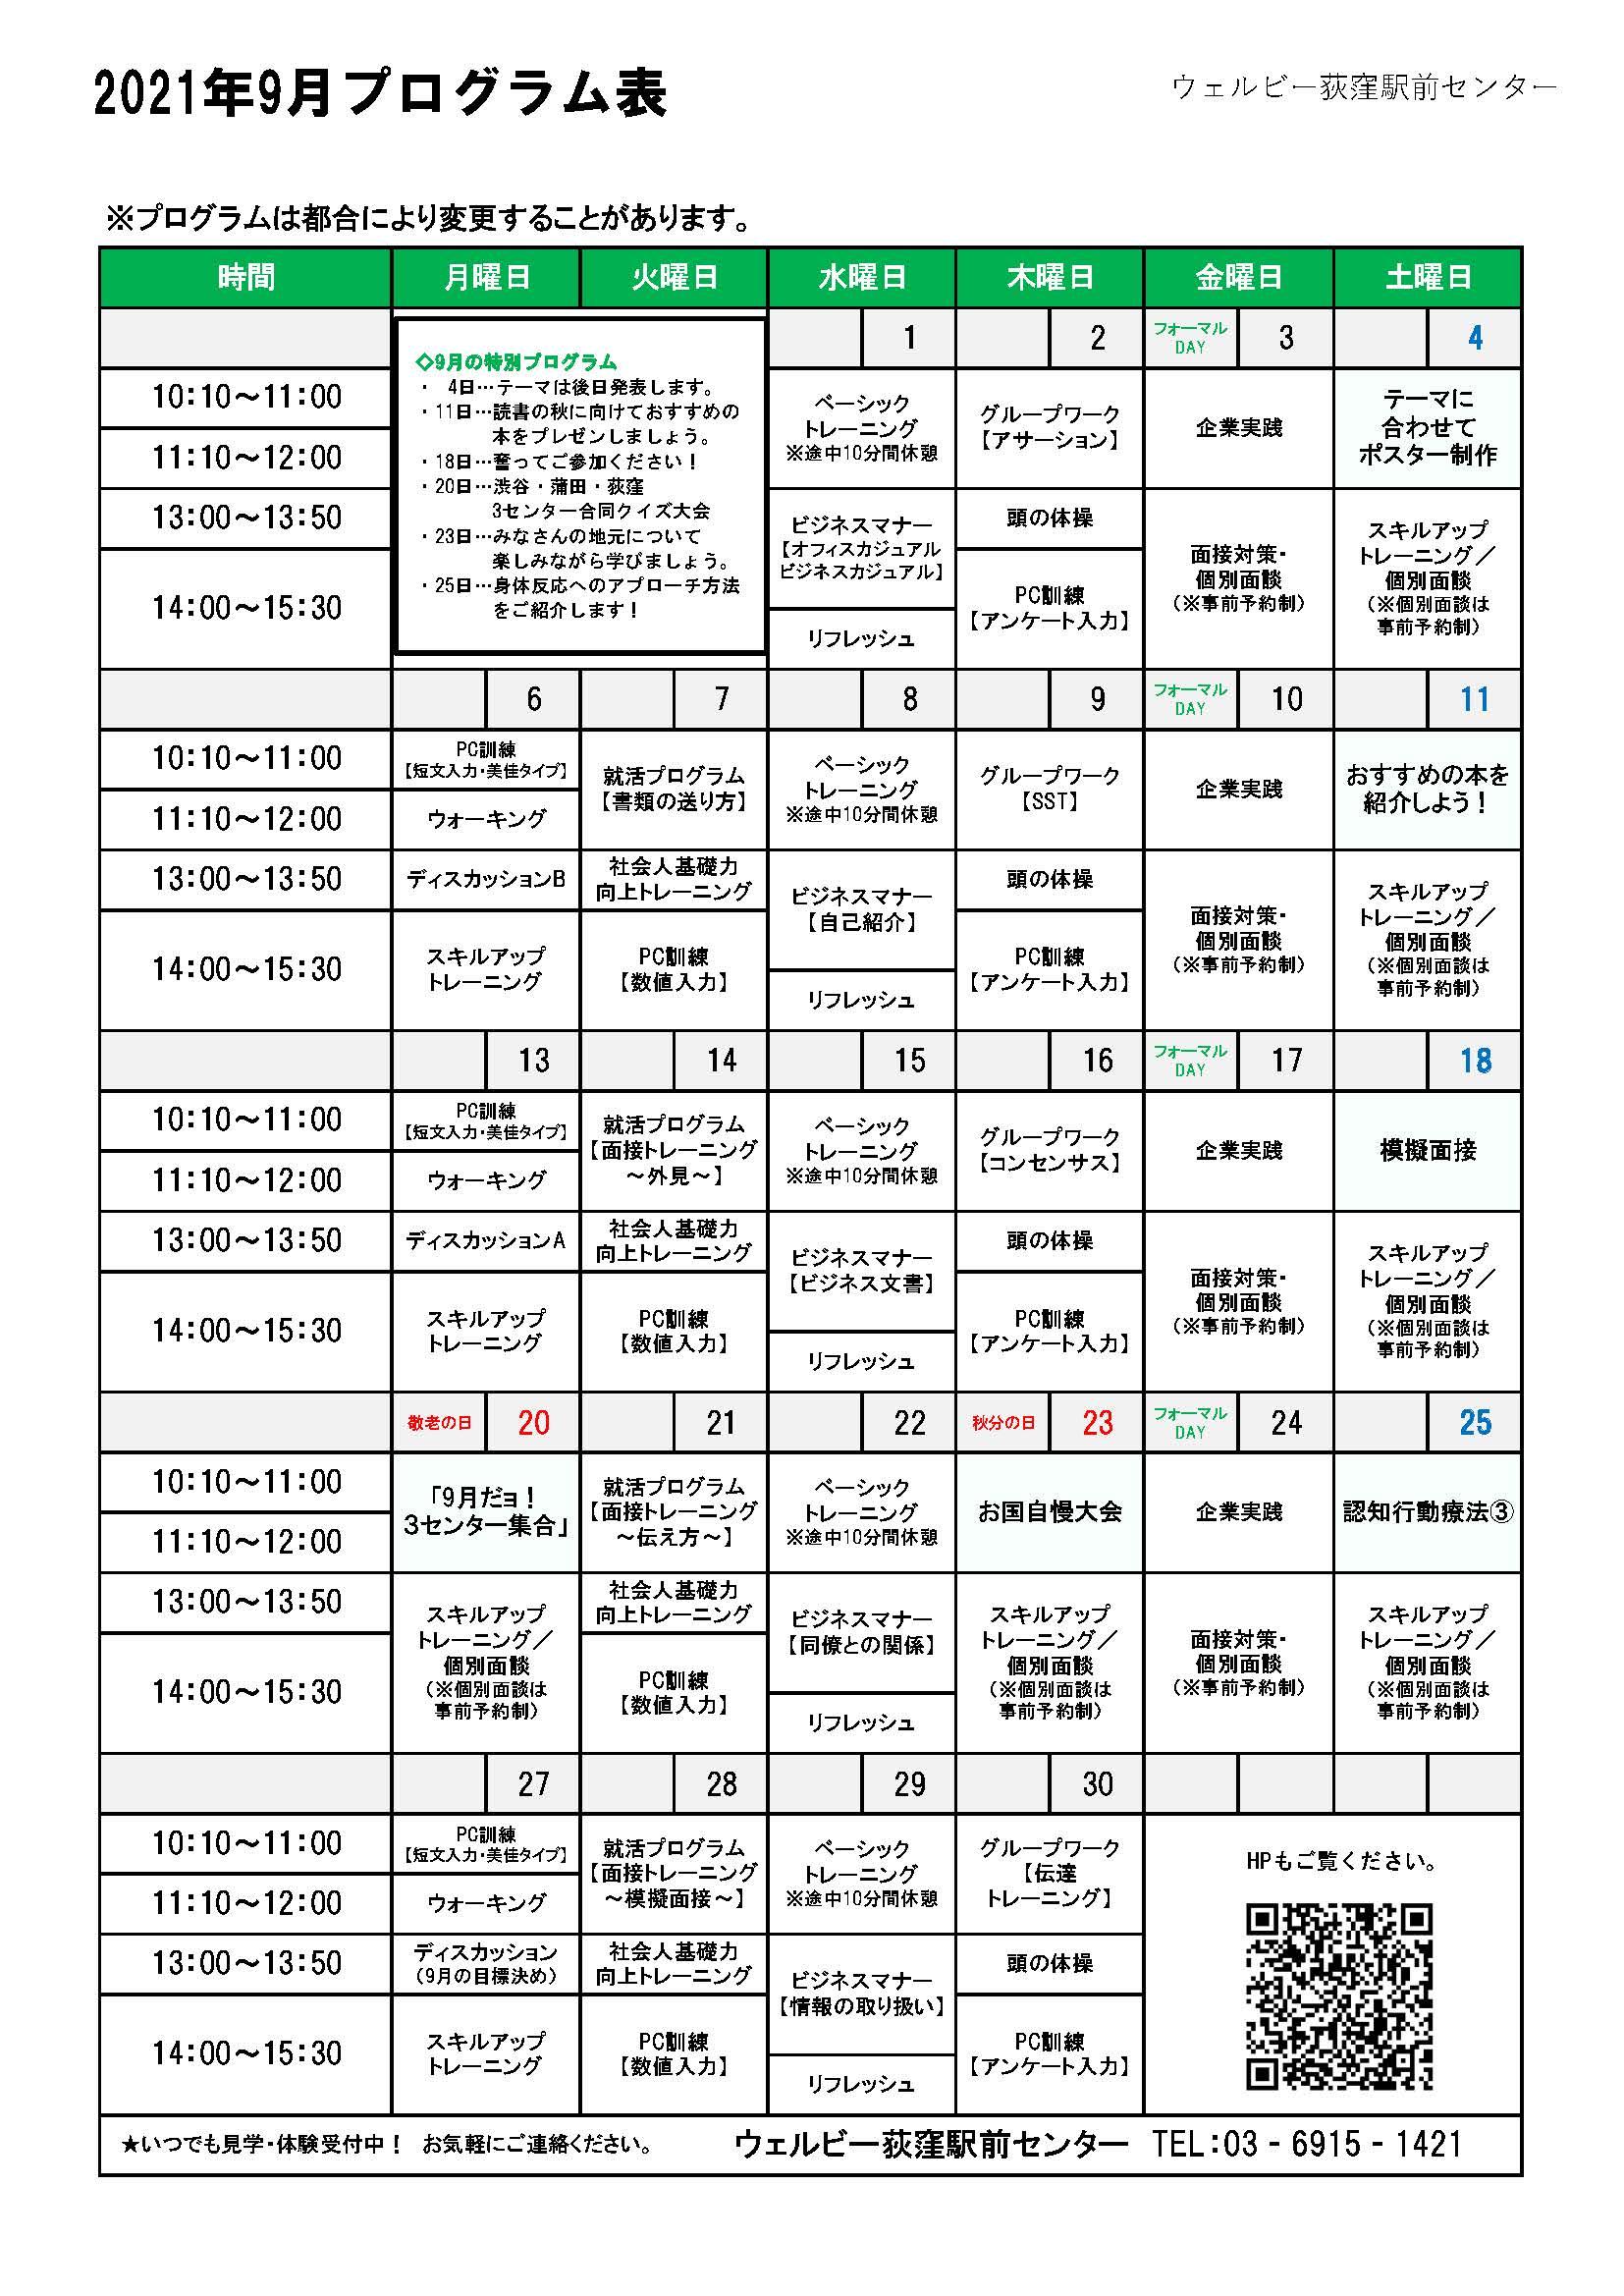 ウェルビー荻窪駅前センター2021年9月プログラム表